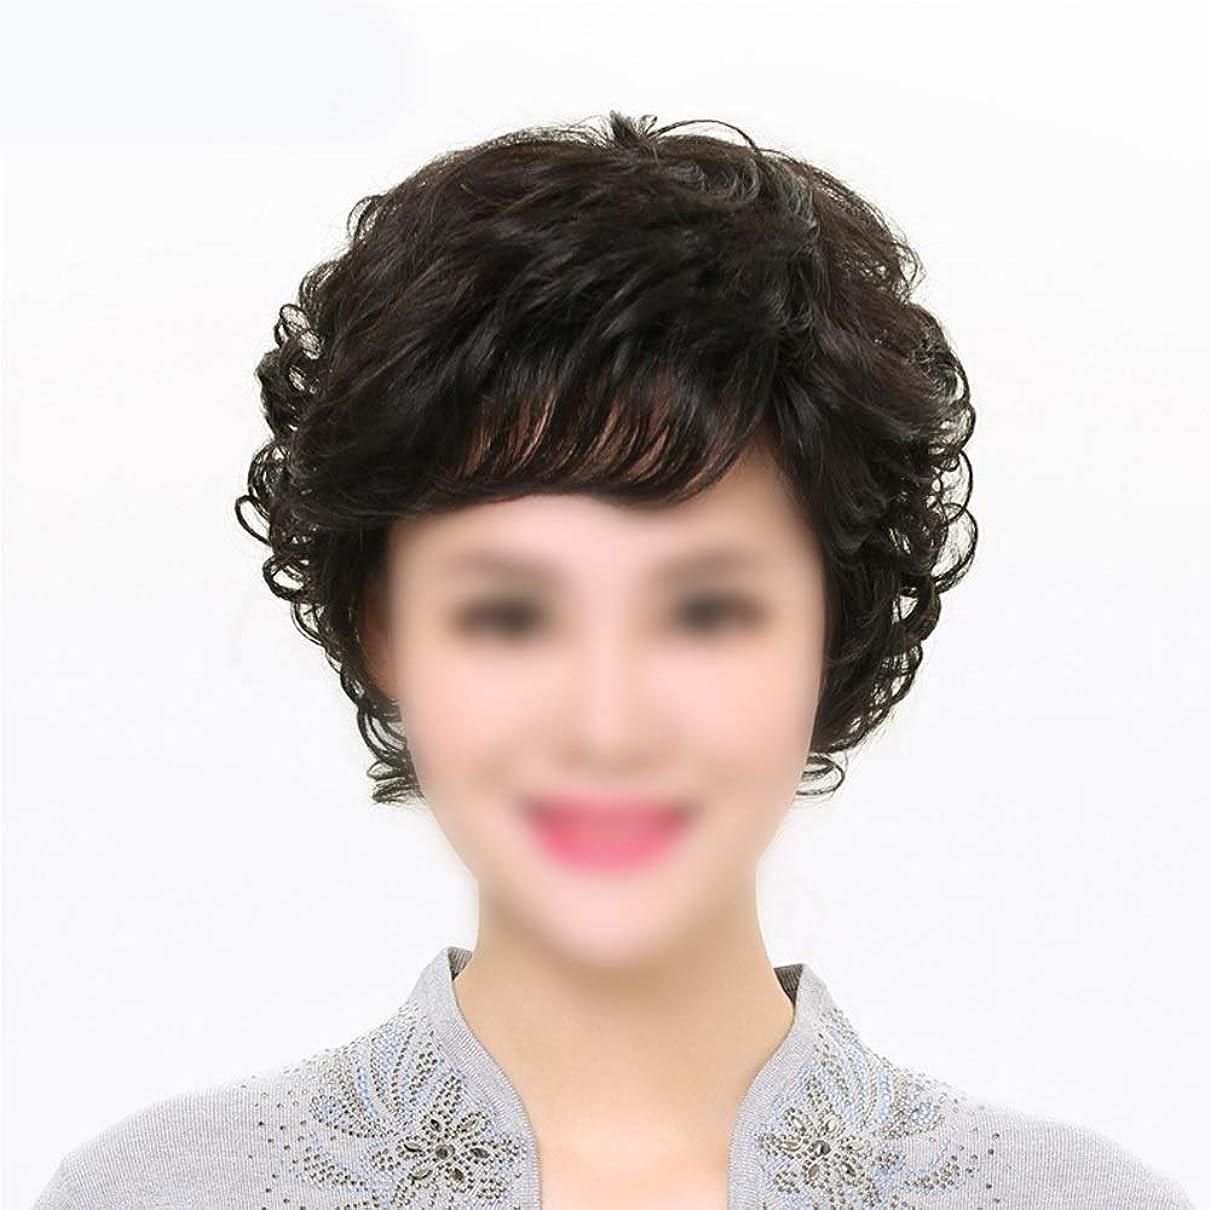 自分行方不明クラックYrattary 母のかつらのための前髪付き女性のリアルヘアショートカーリーヘアー中年かつらファッションウィッグ (Color : Dark brown, Edition : Hand-woven heart)